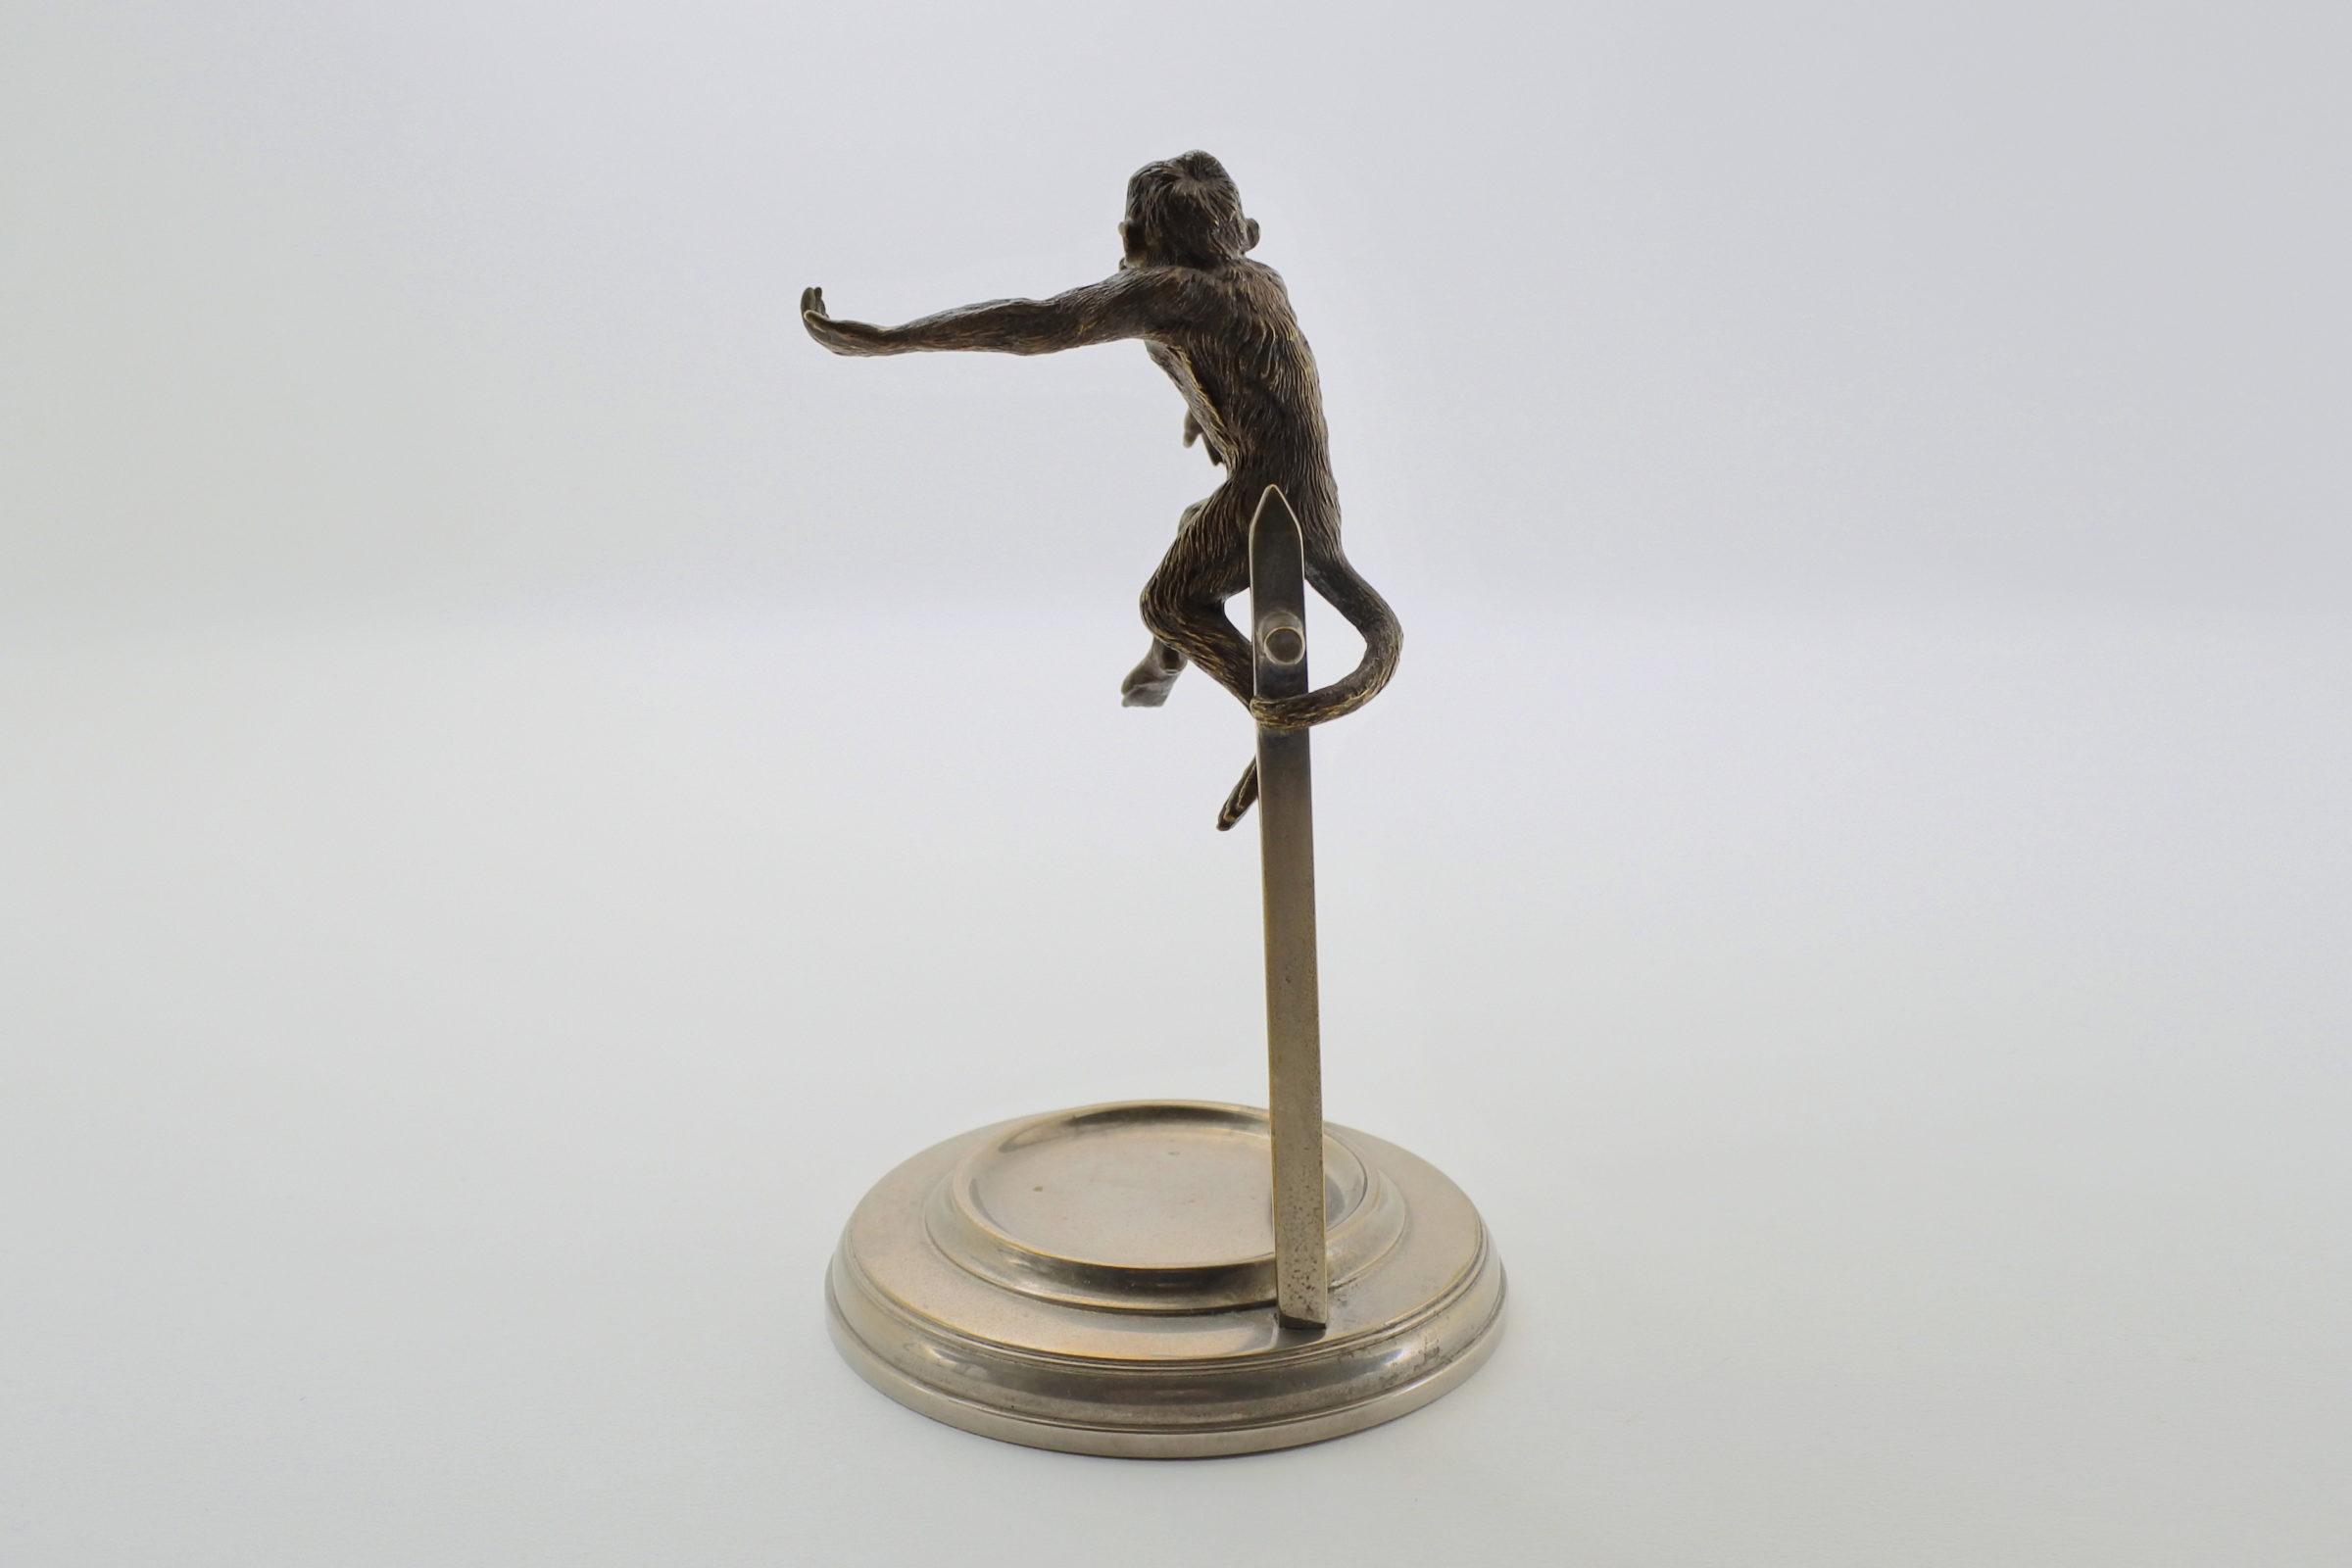 Portaorologi con scimmia in bronzo di Vienna su supporto in ottone cromato - 4